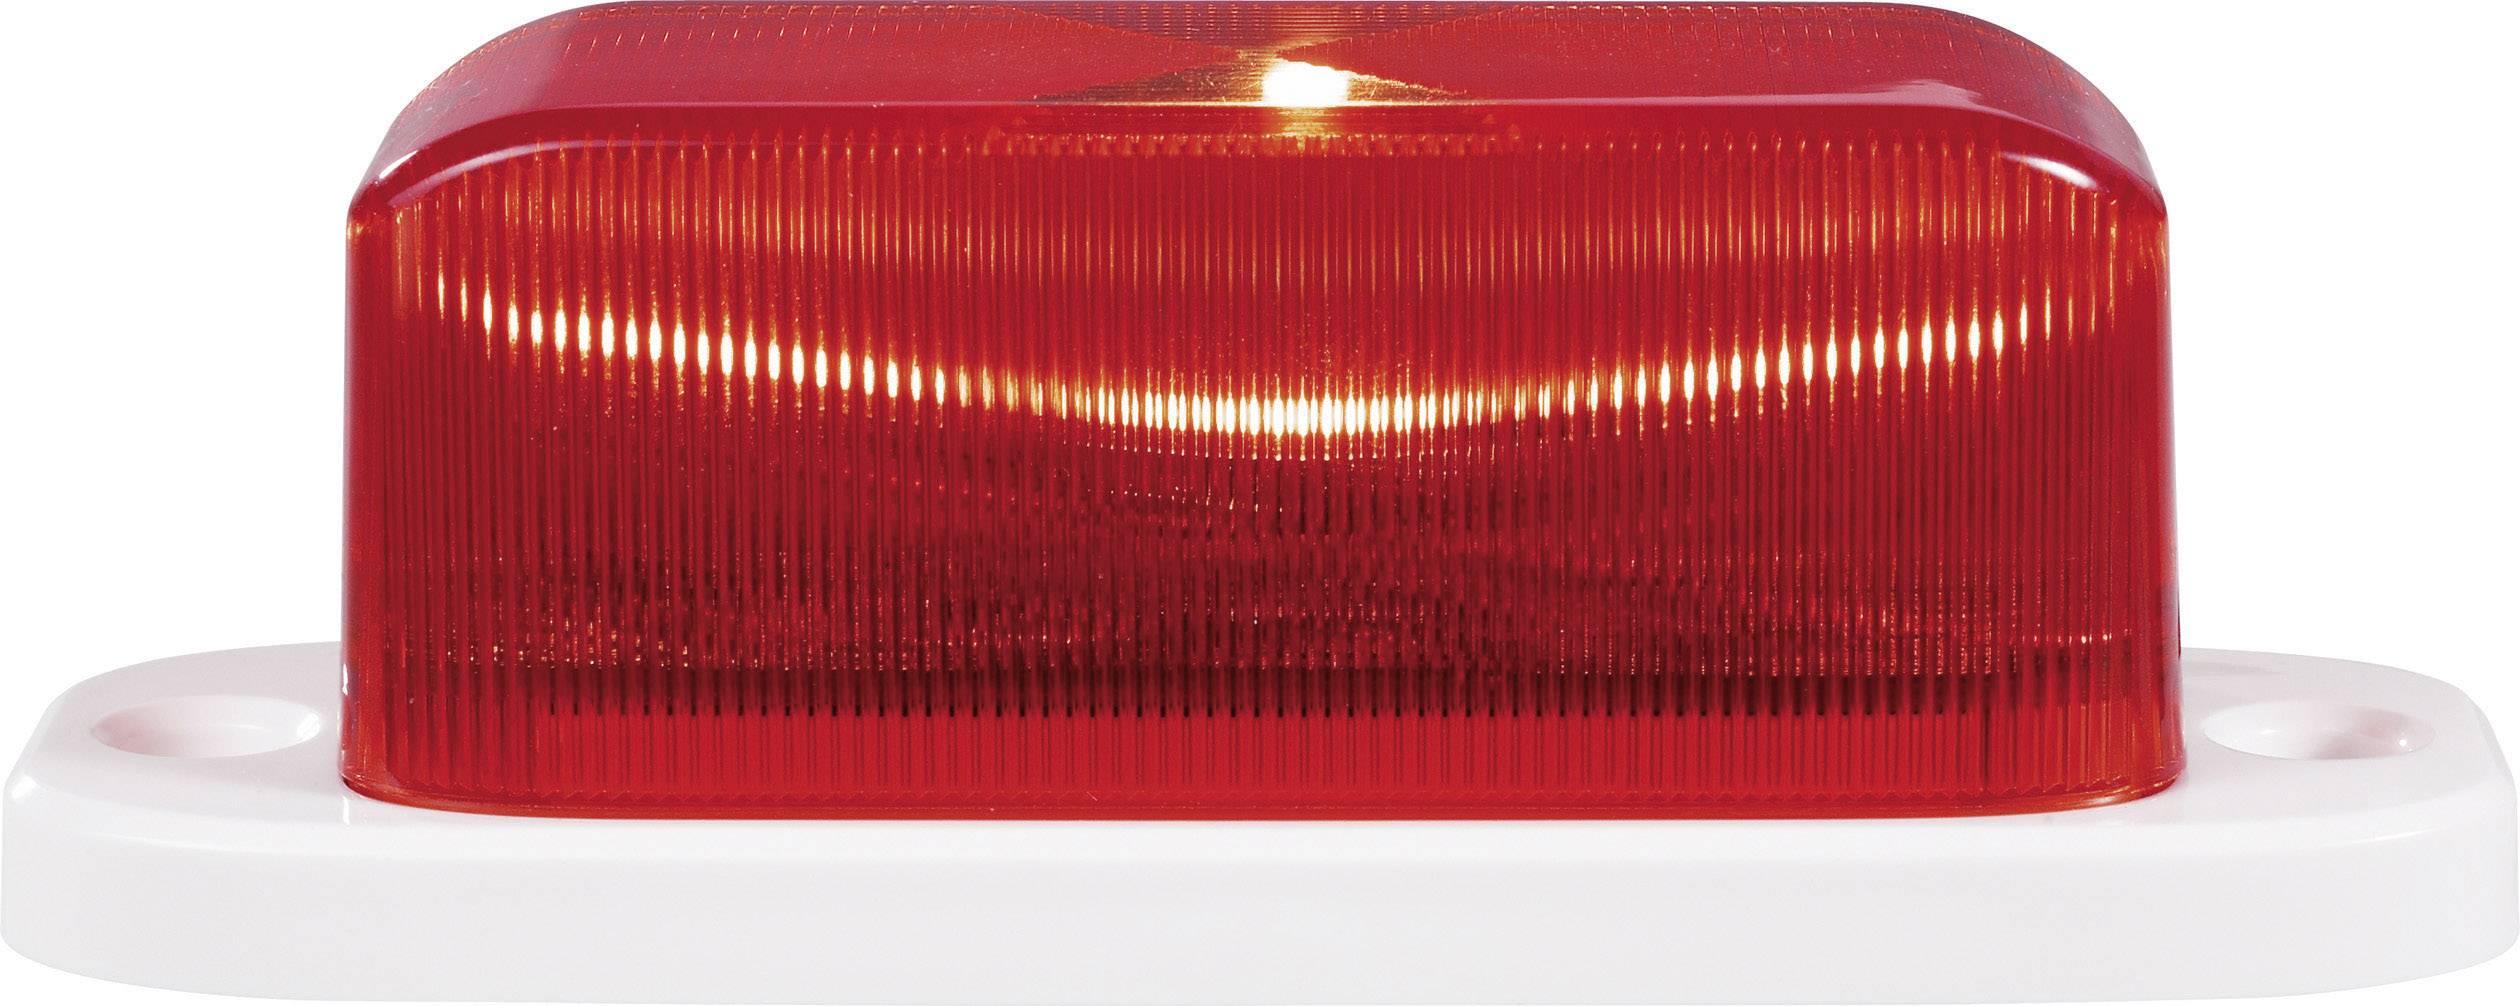 LED stroboskop, červený